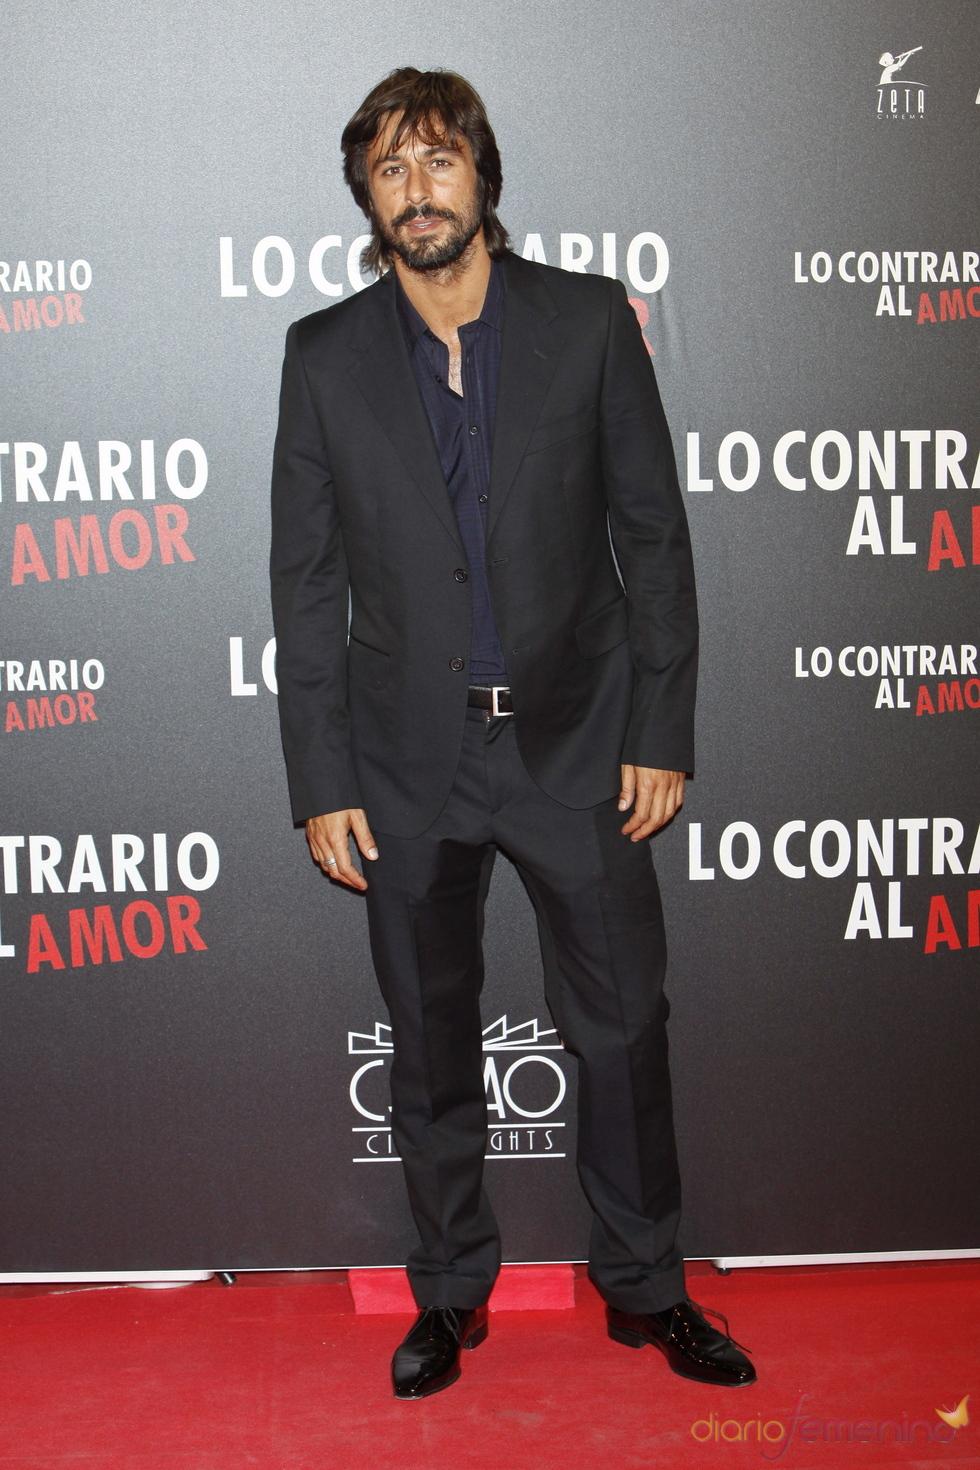 Hugo Silva en el estreno de 'Lo contrario al amor' en Madrid